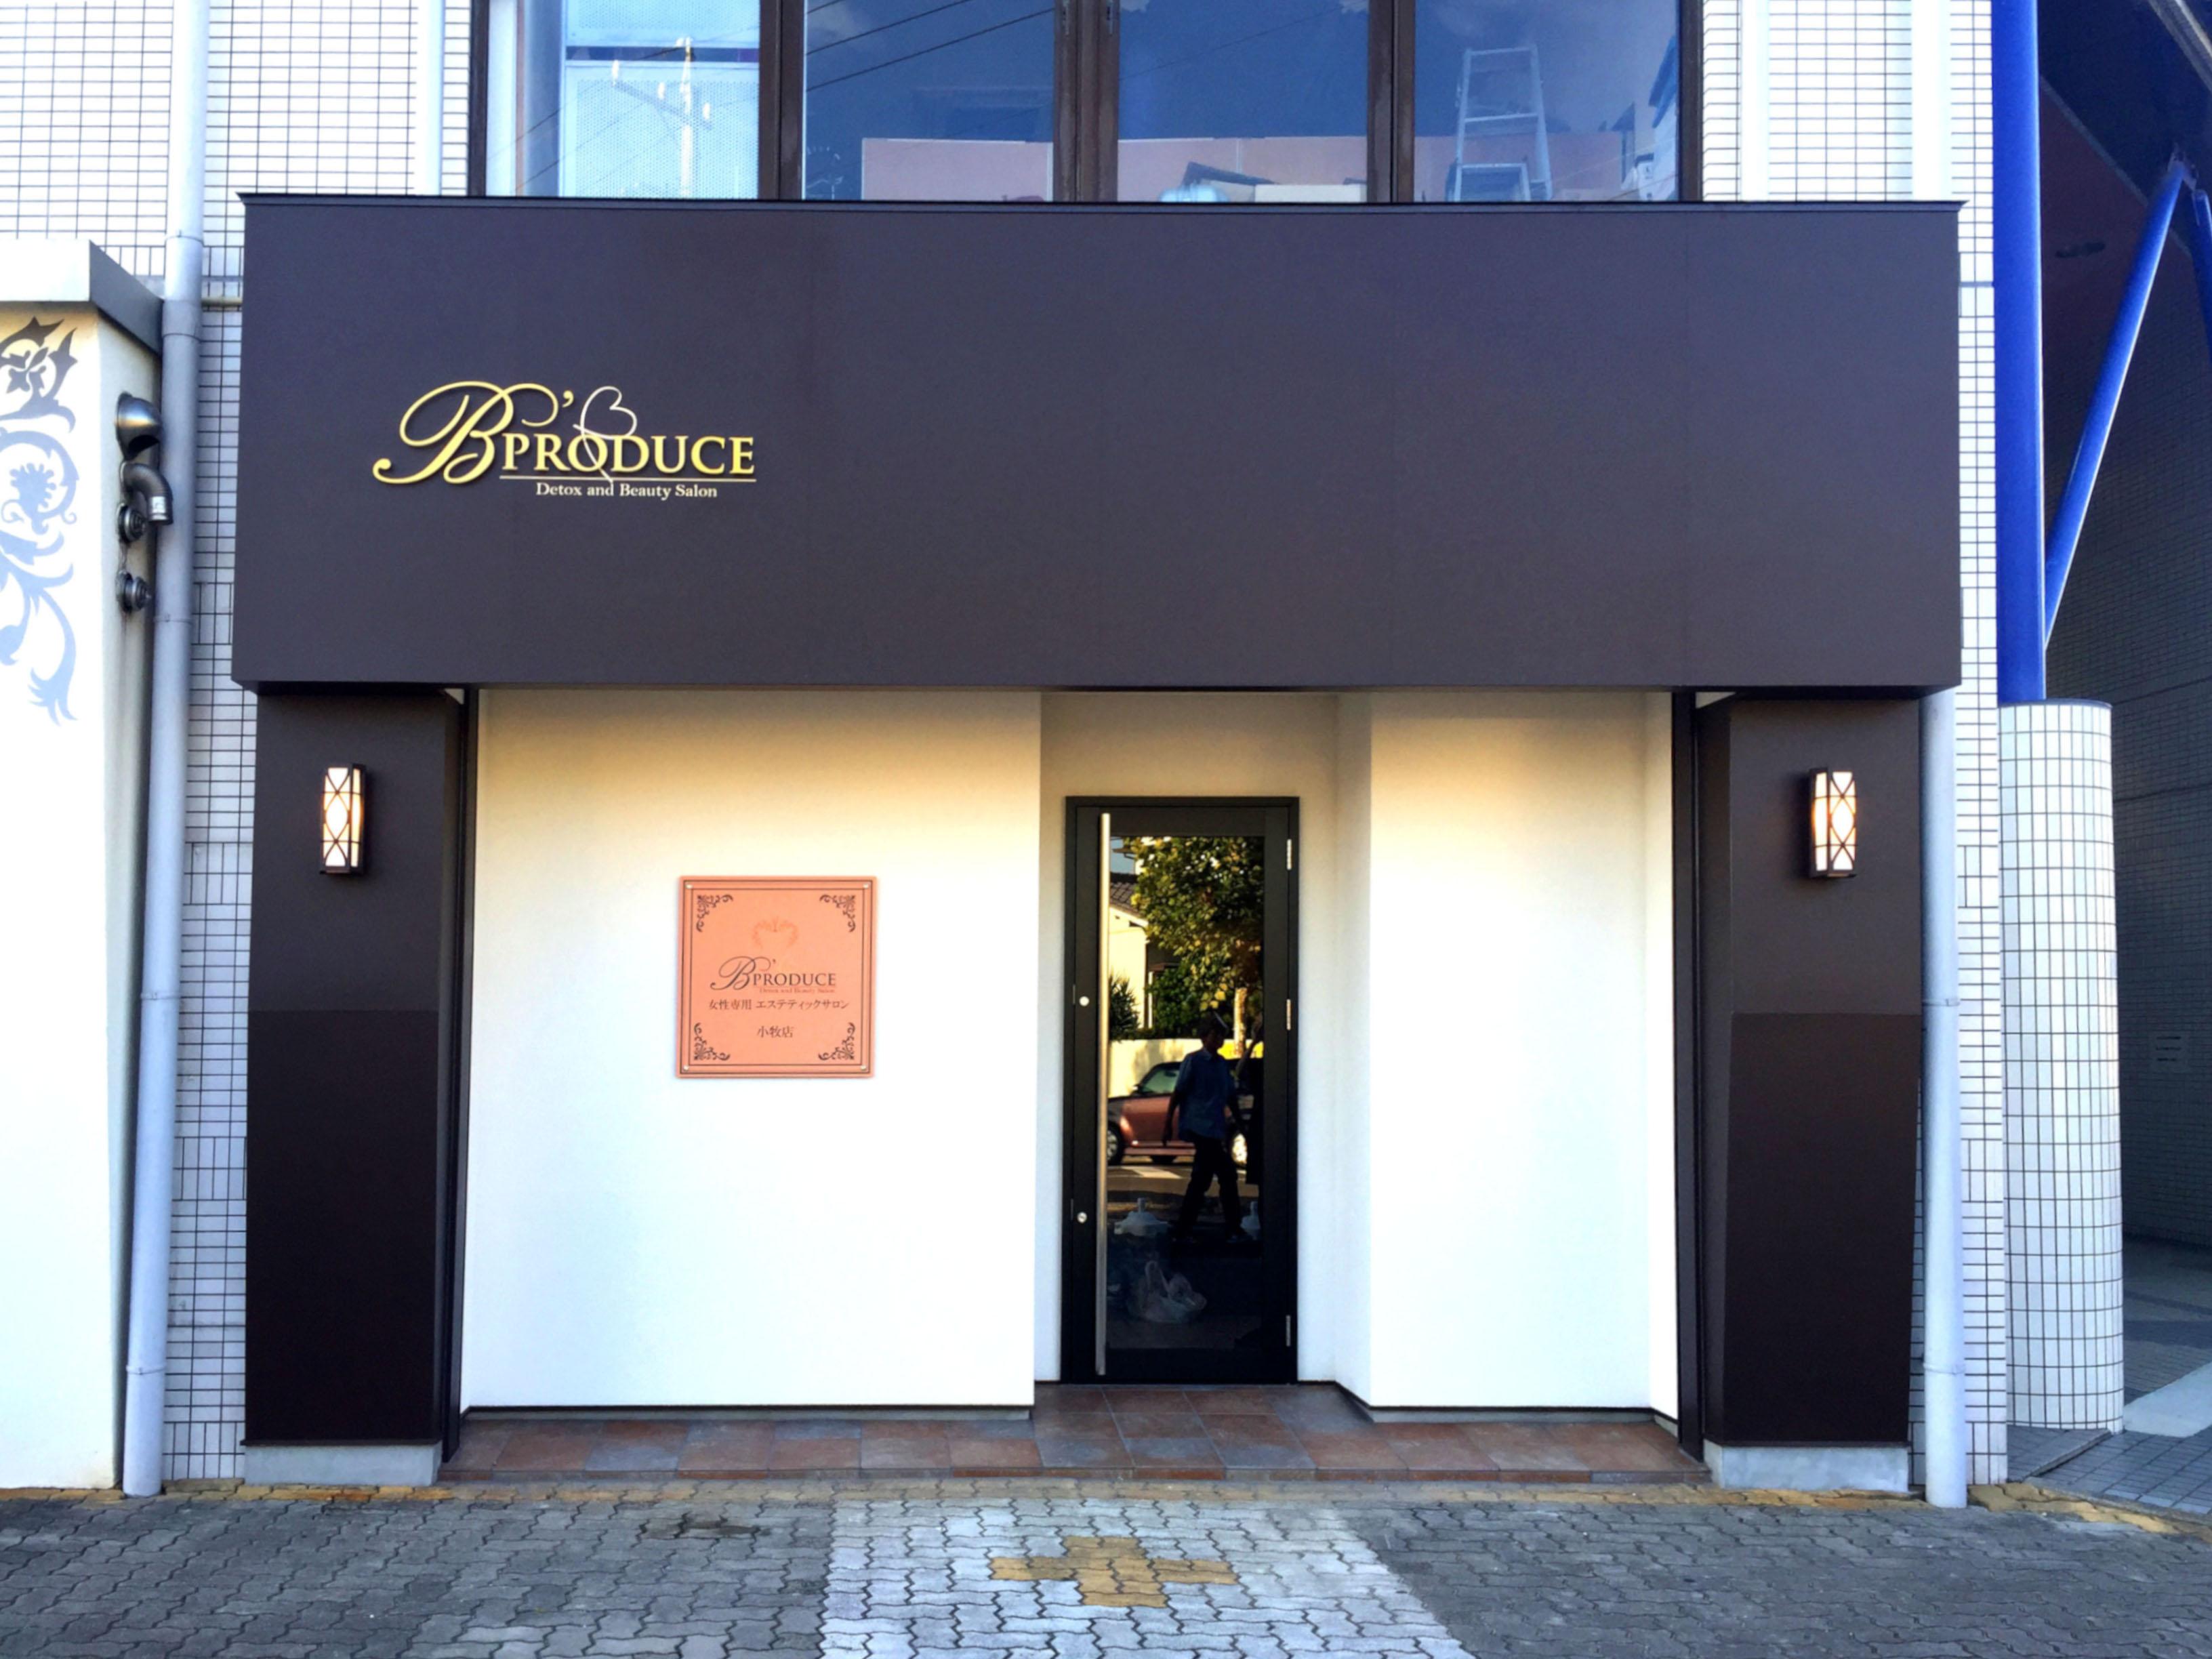 B'PRODUCE(ビー・プロデュース)痩身エステサロン 小牧店(愛知県小牧市小牧5-703)